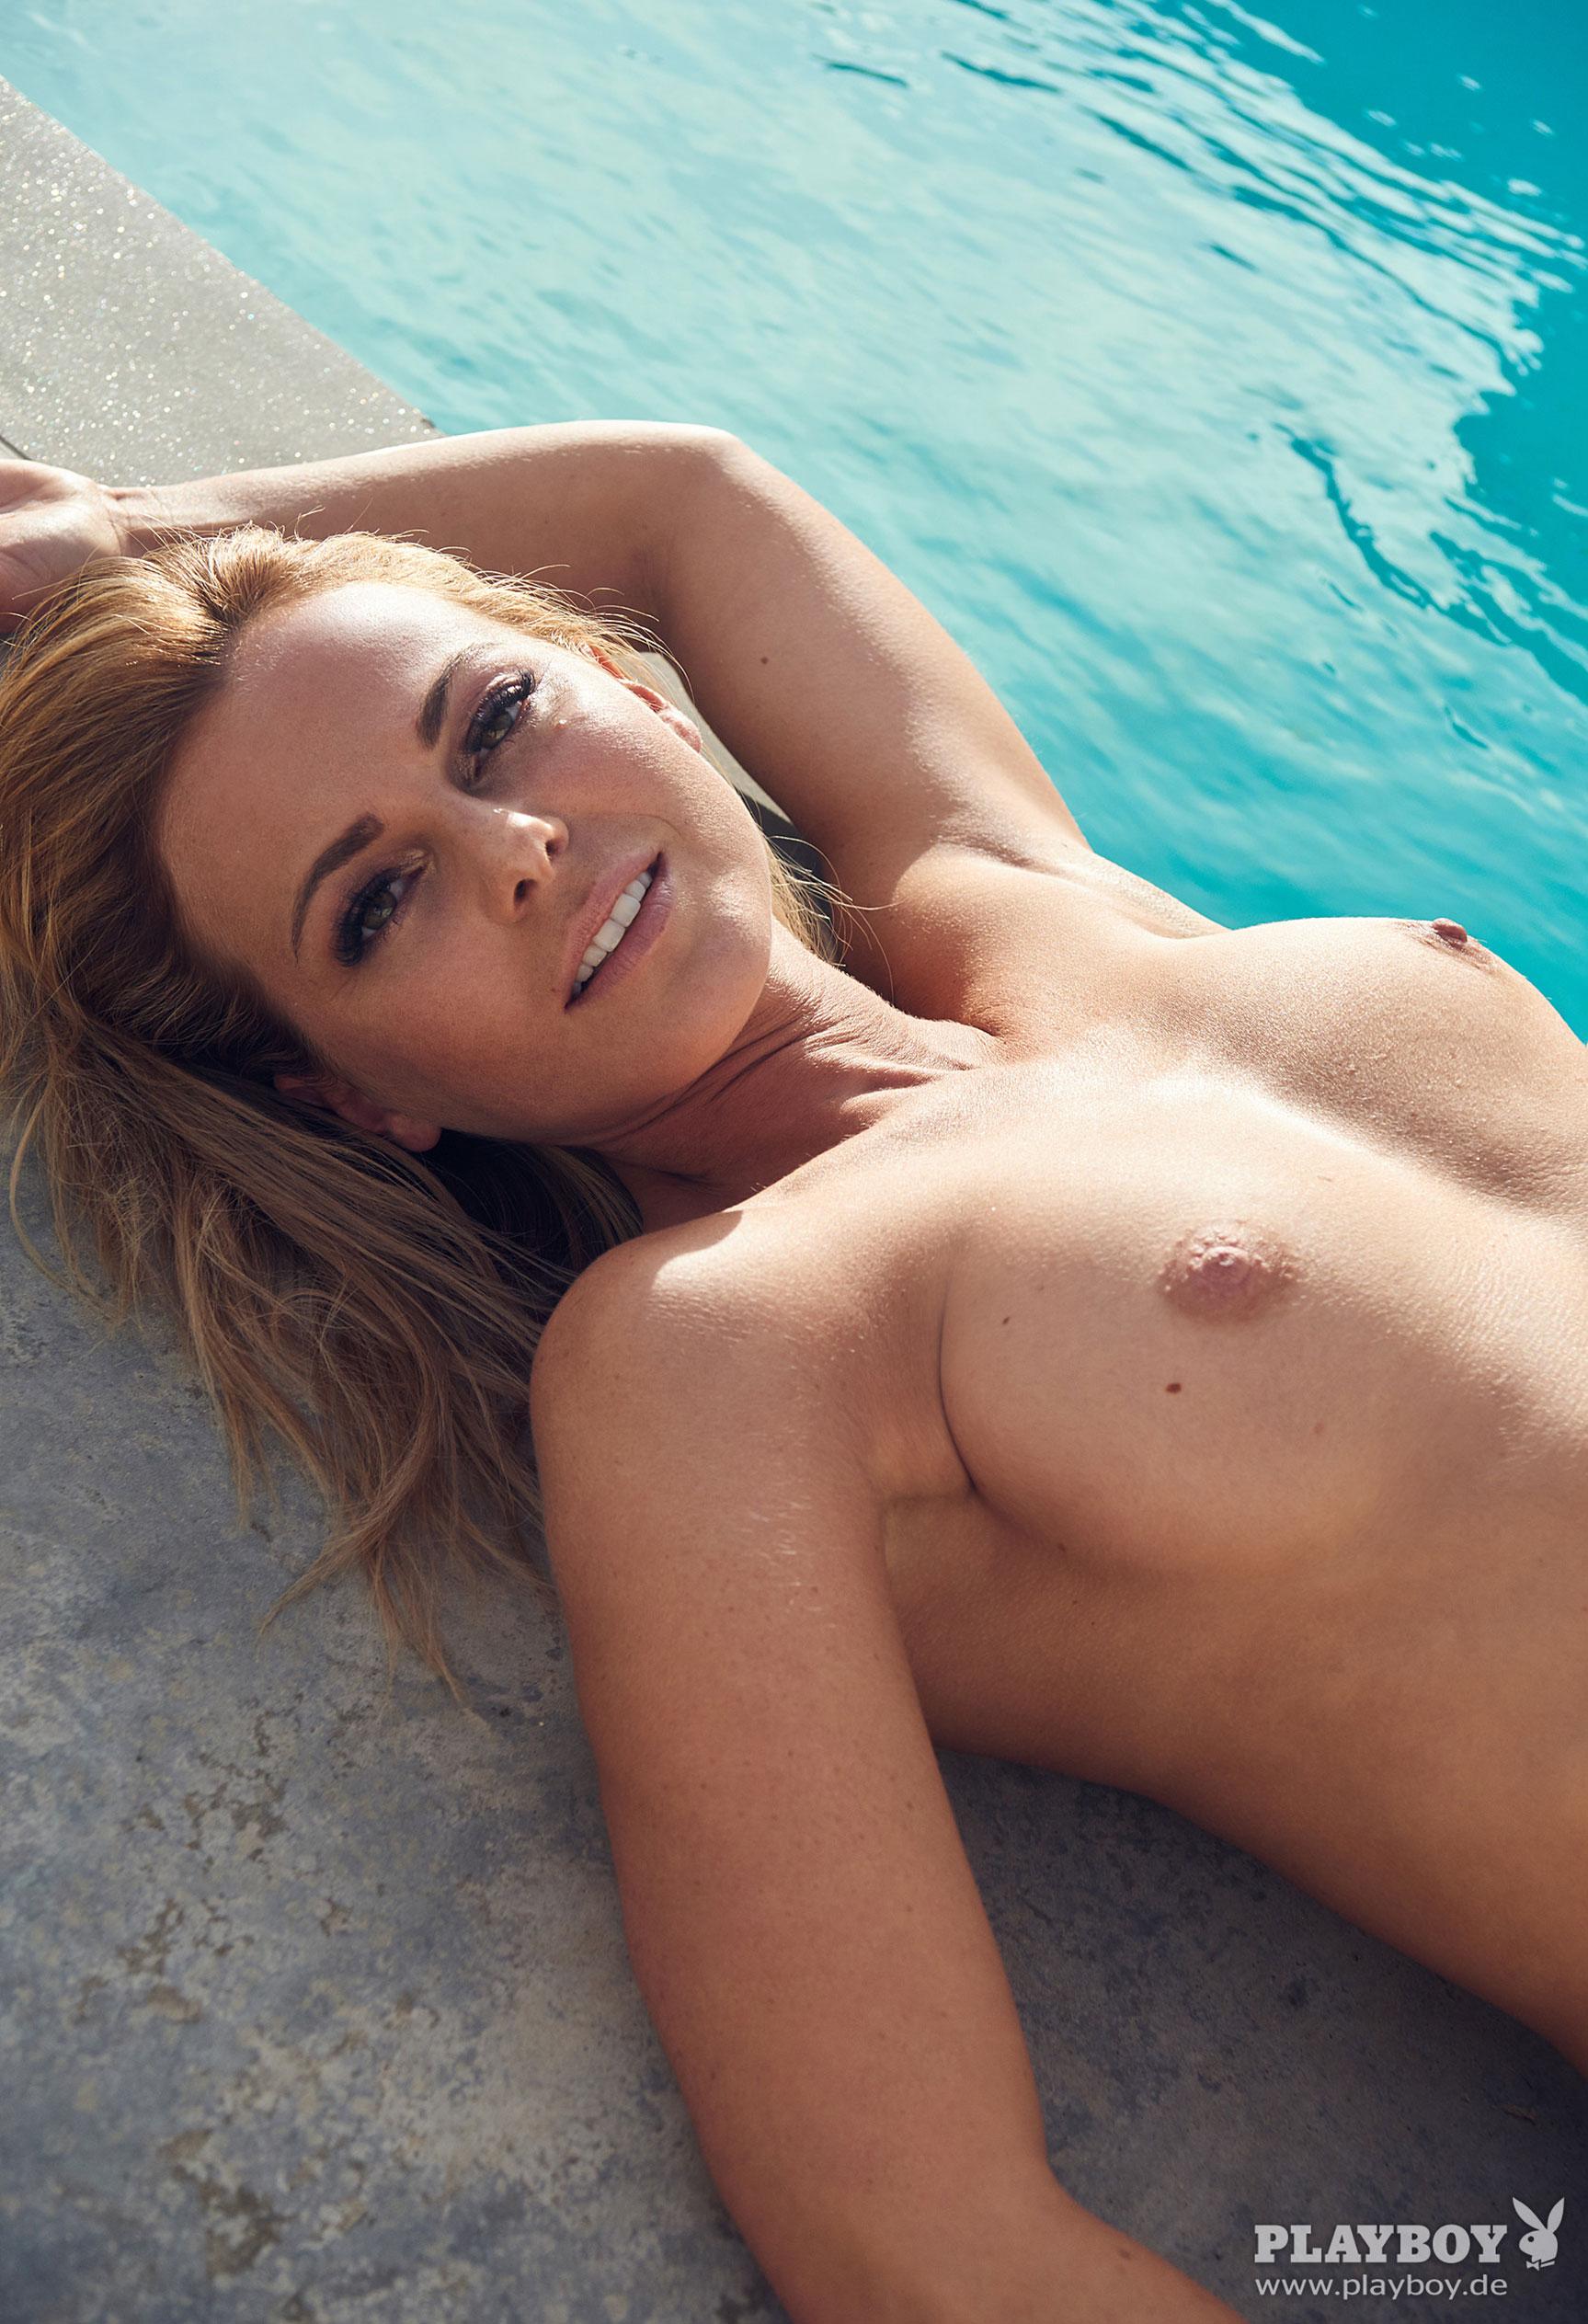 фитнес-модель и тренер, телезвезда Марейке Спалек в журнале Playboy Германия, апрель 2018 / фото 05